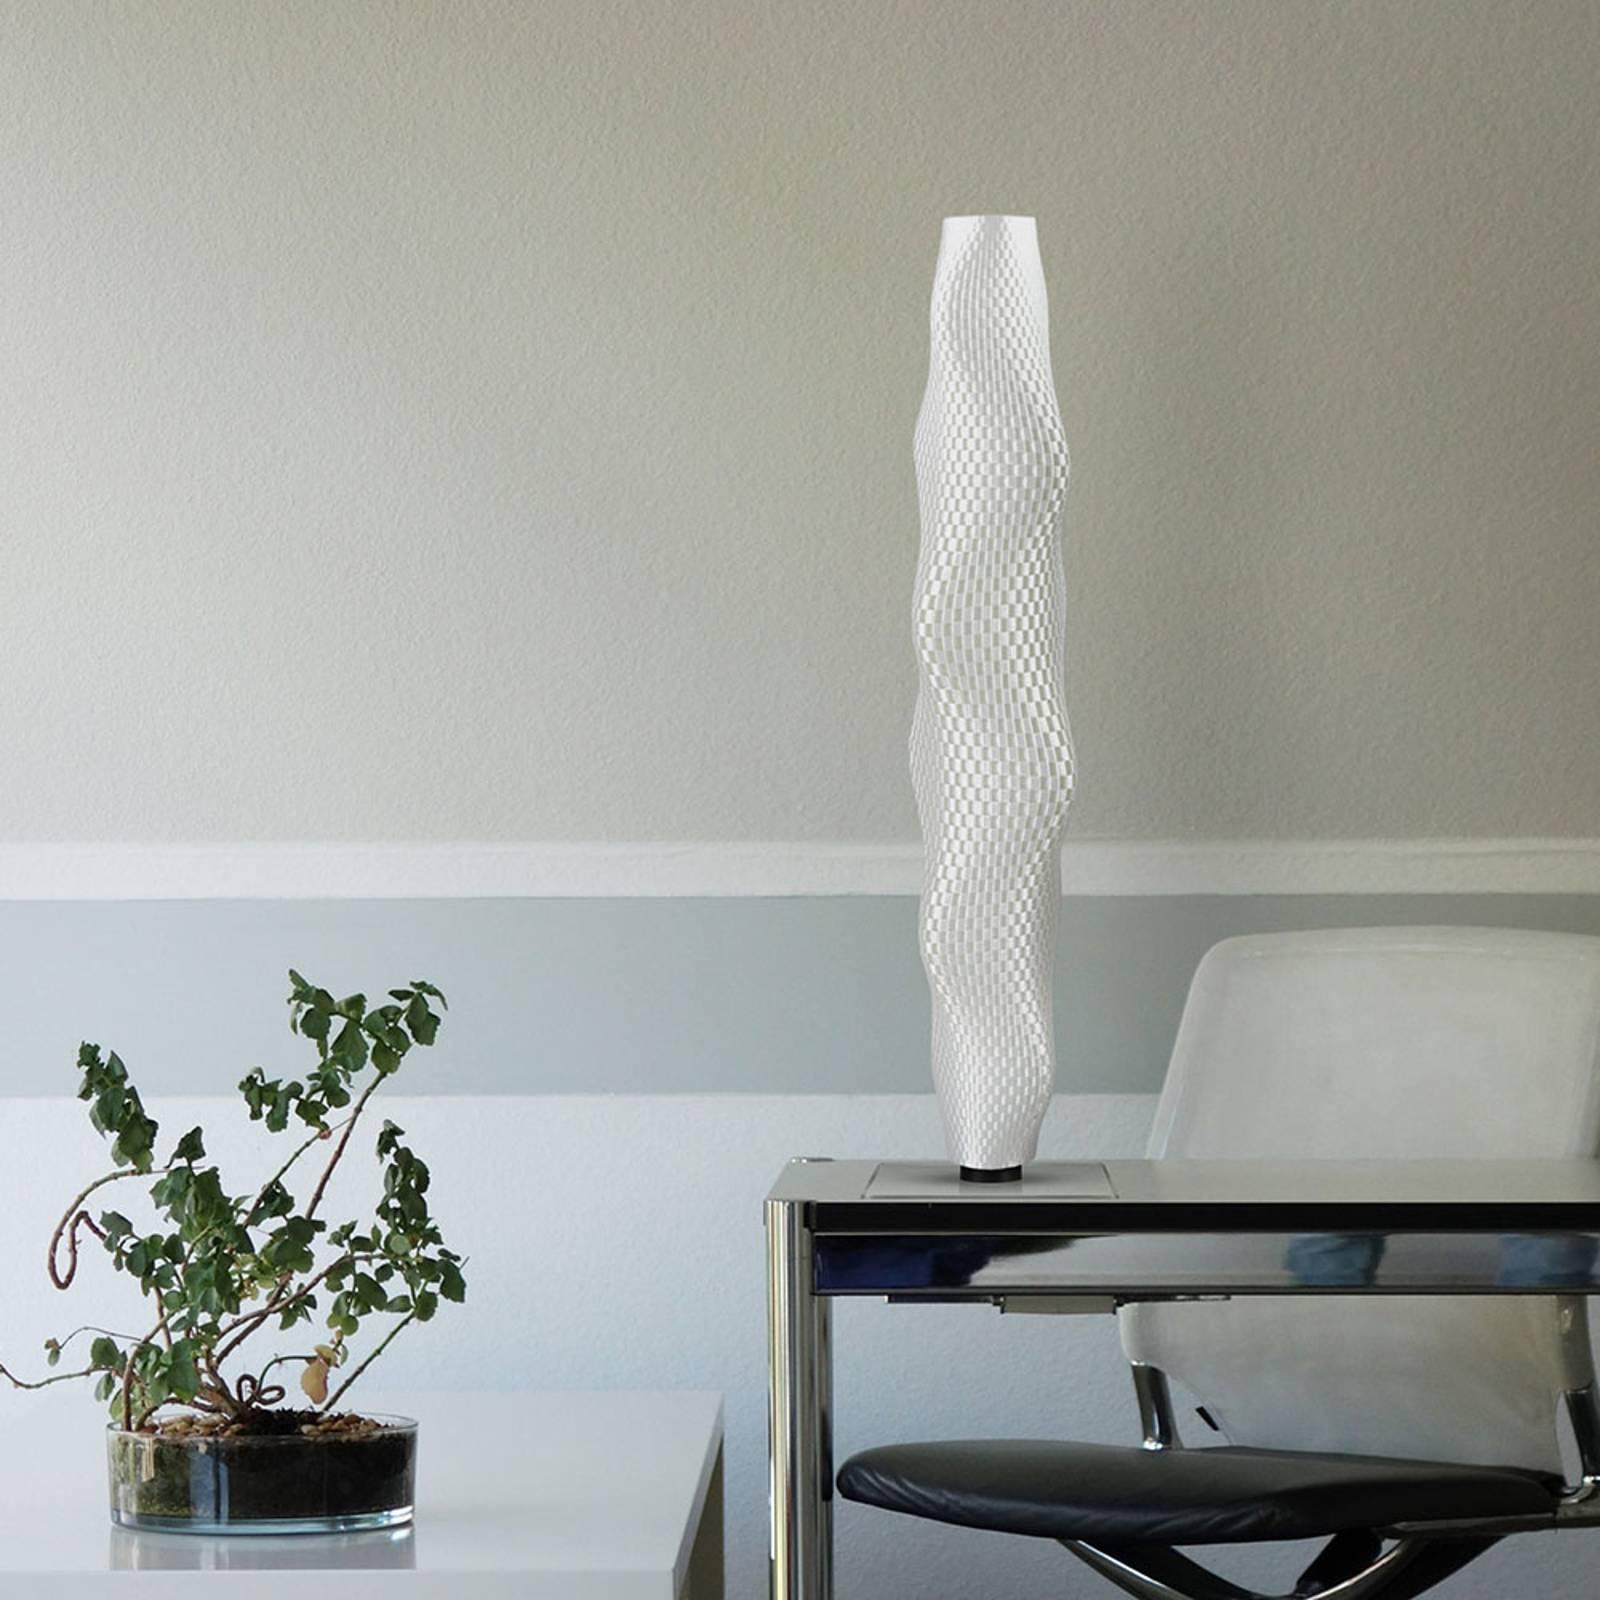 Lampa stojąca LED plecionka Kaktus 75cm, biała